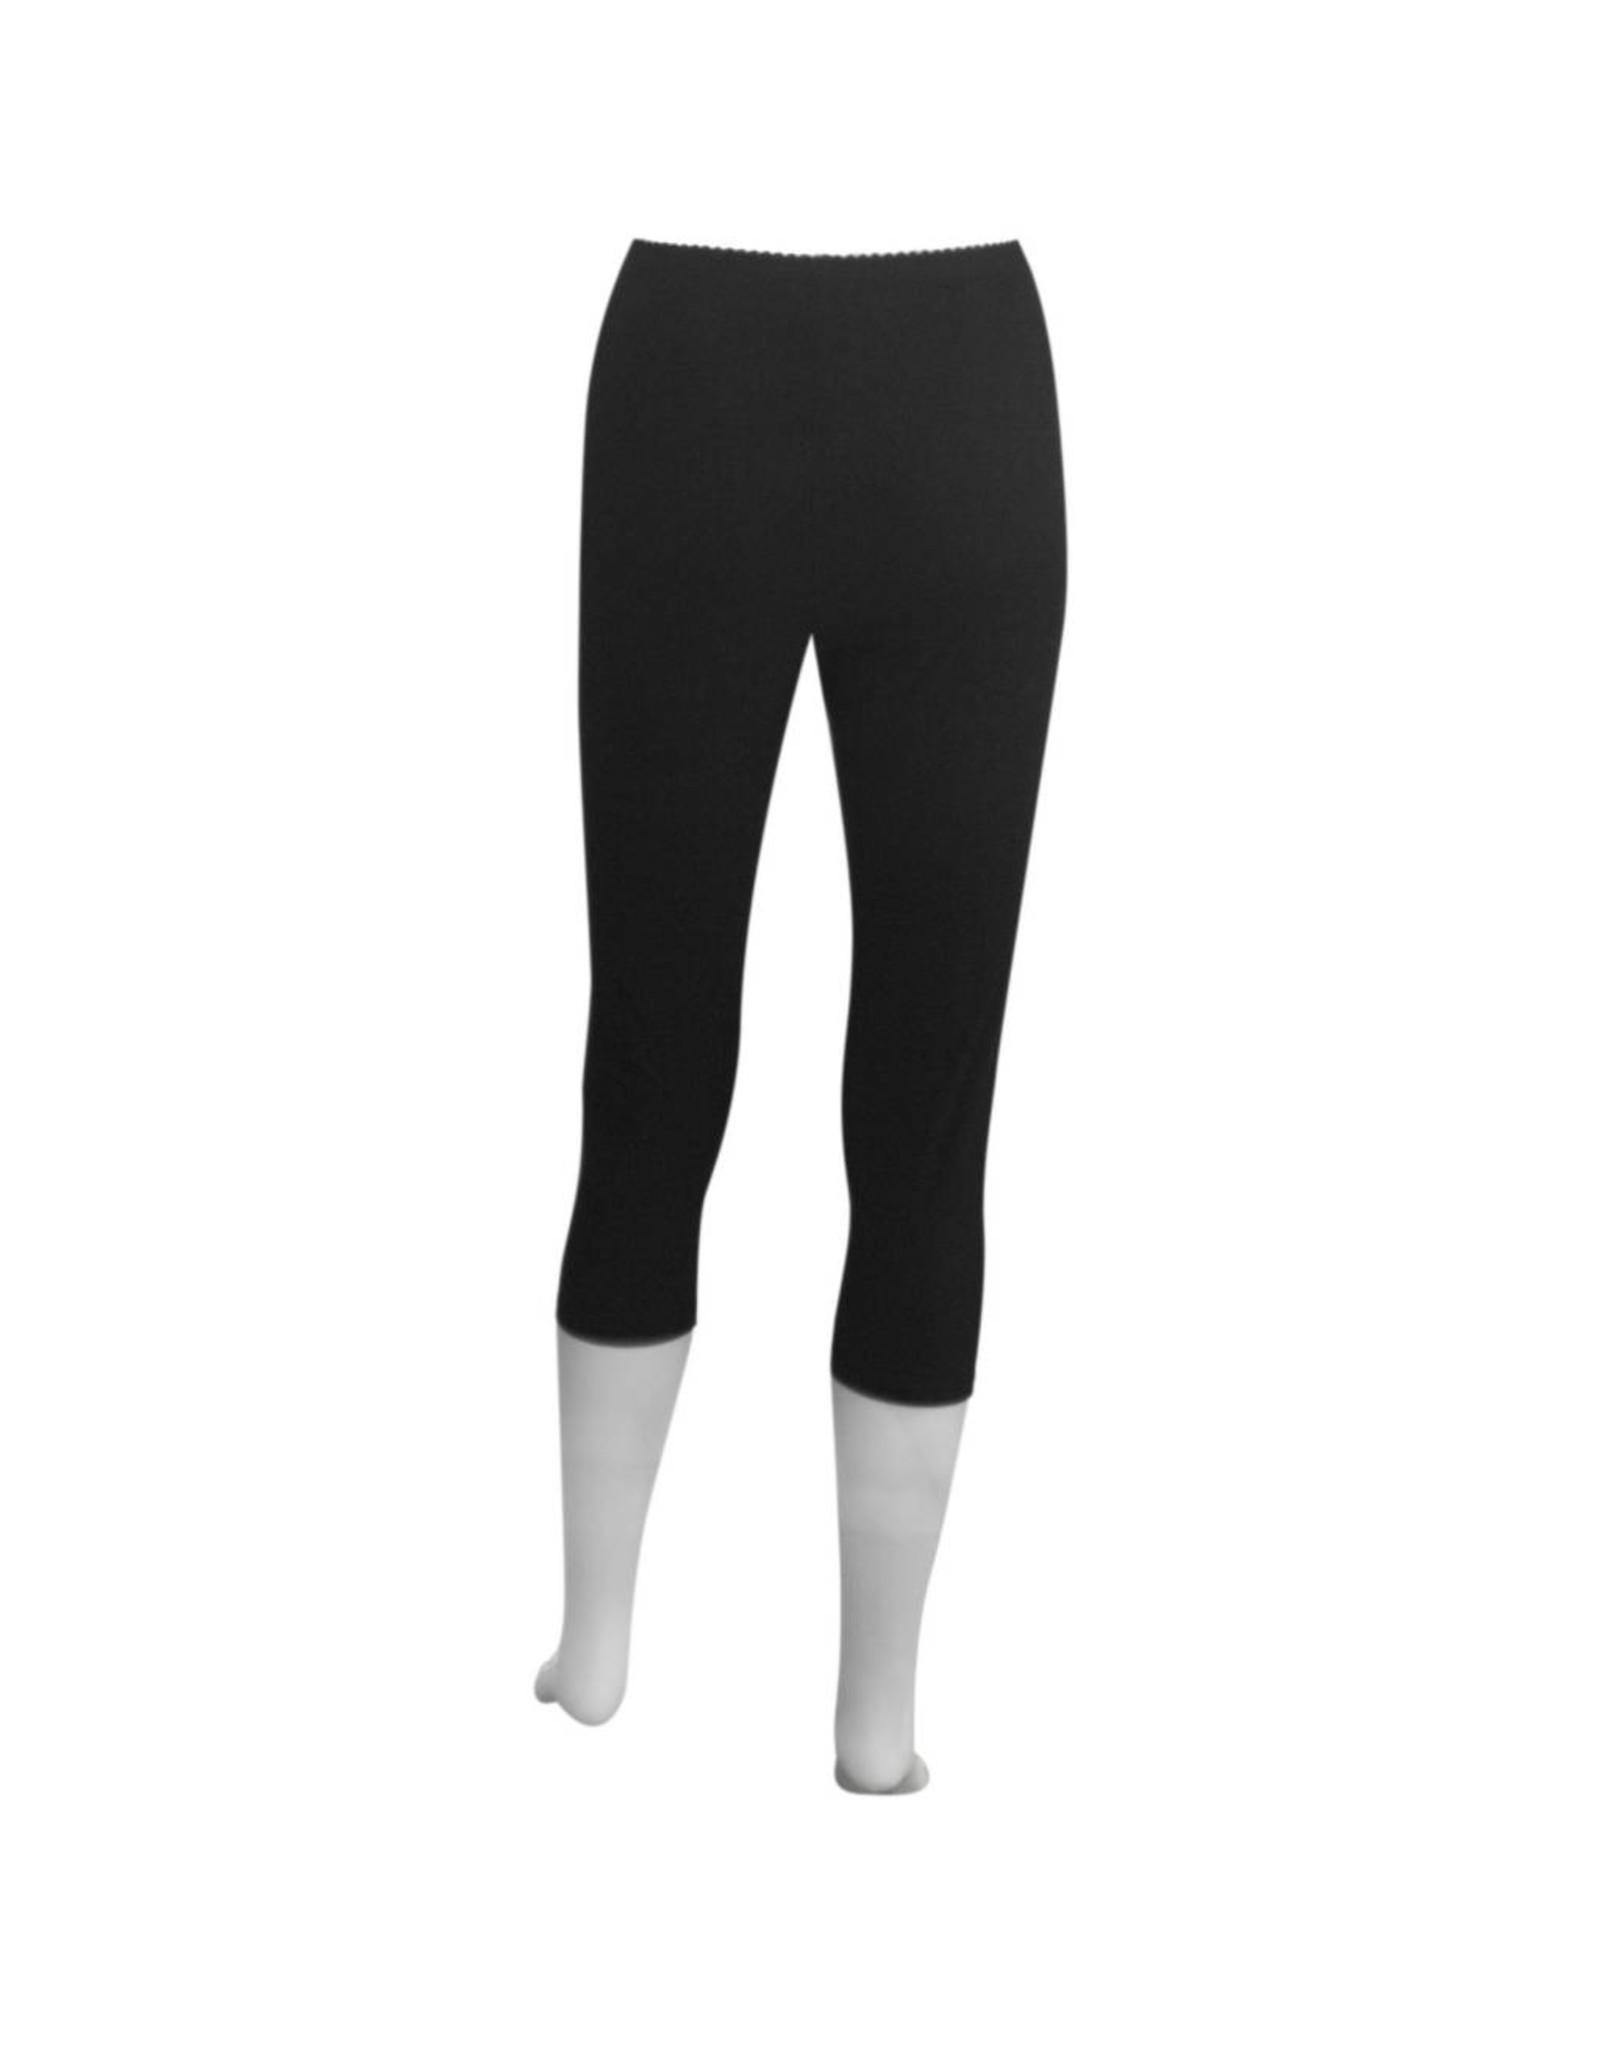 Deca Joosy Leggings - Noir (Black)